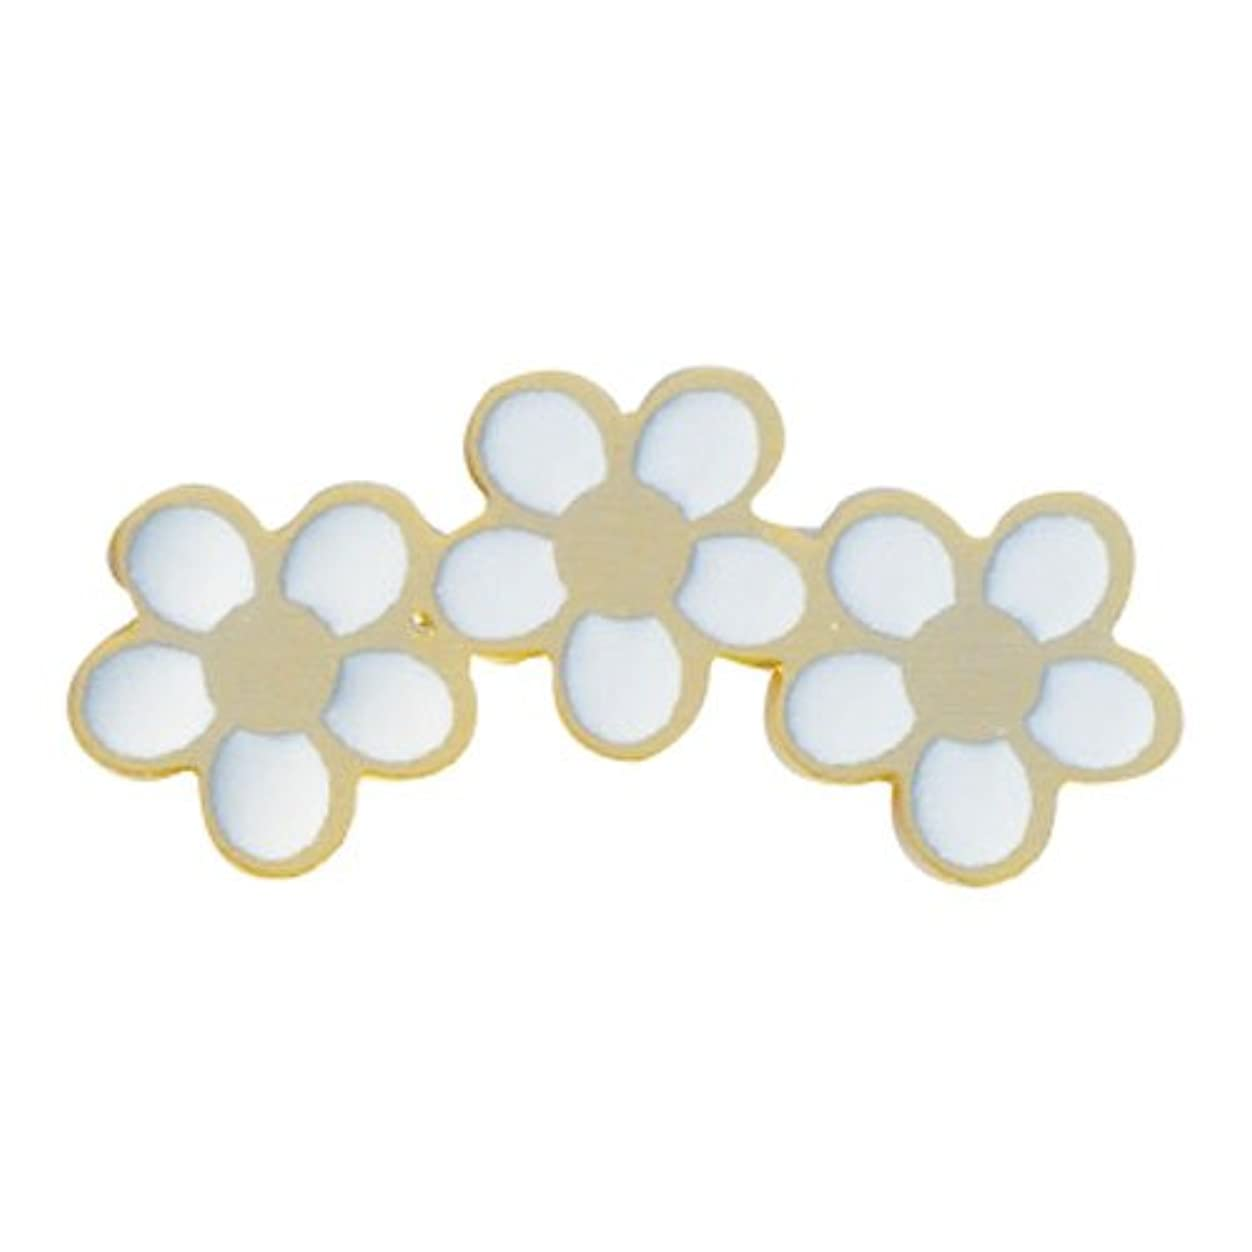 やりがいのある限りカエルリトルプリティー ネイルアートパーツ PWチャーミングフラワー3連 ゴールド 10個